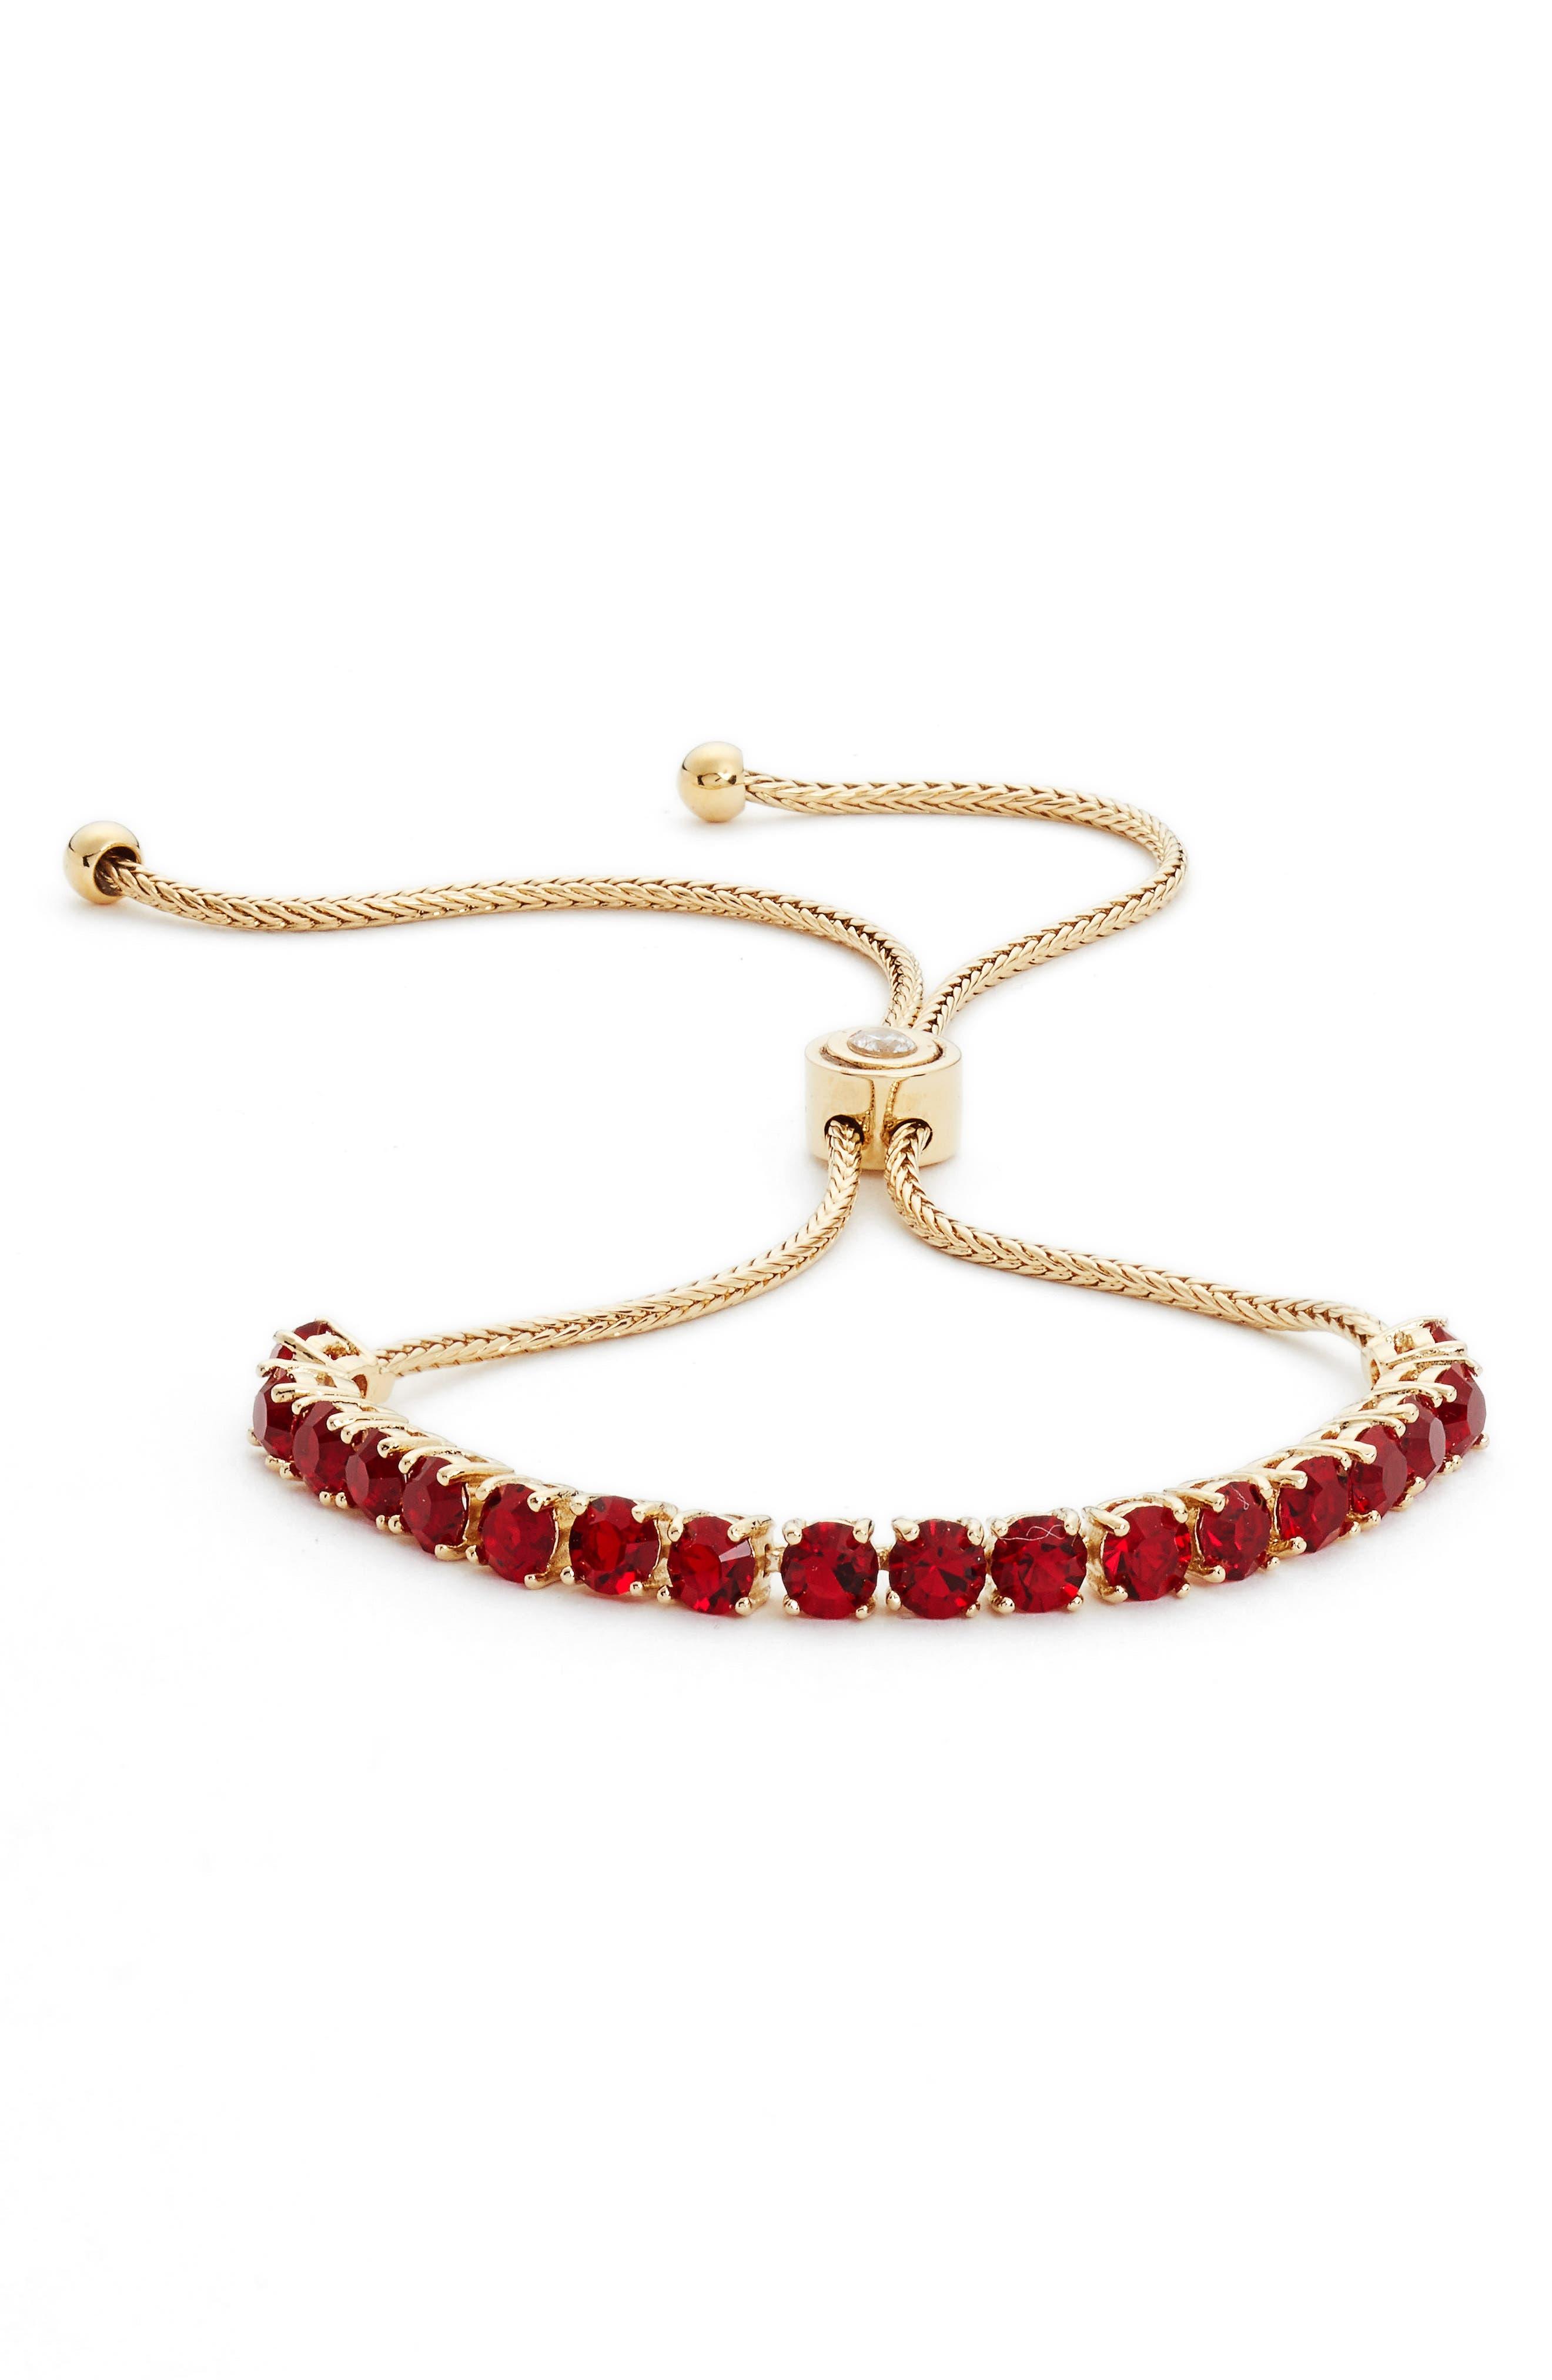 Givenchy Adjustable Crystal Bracelet